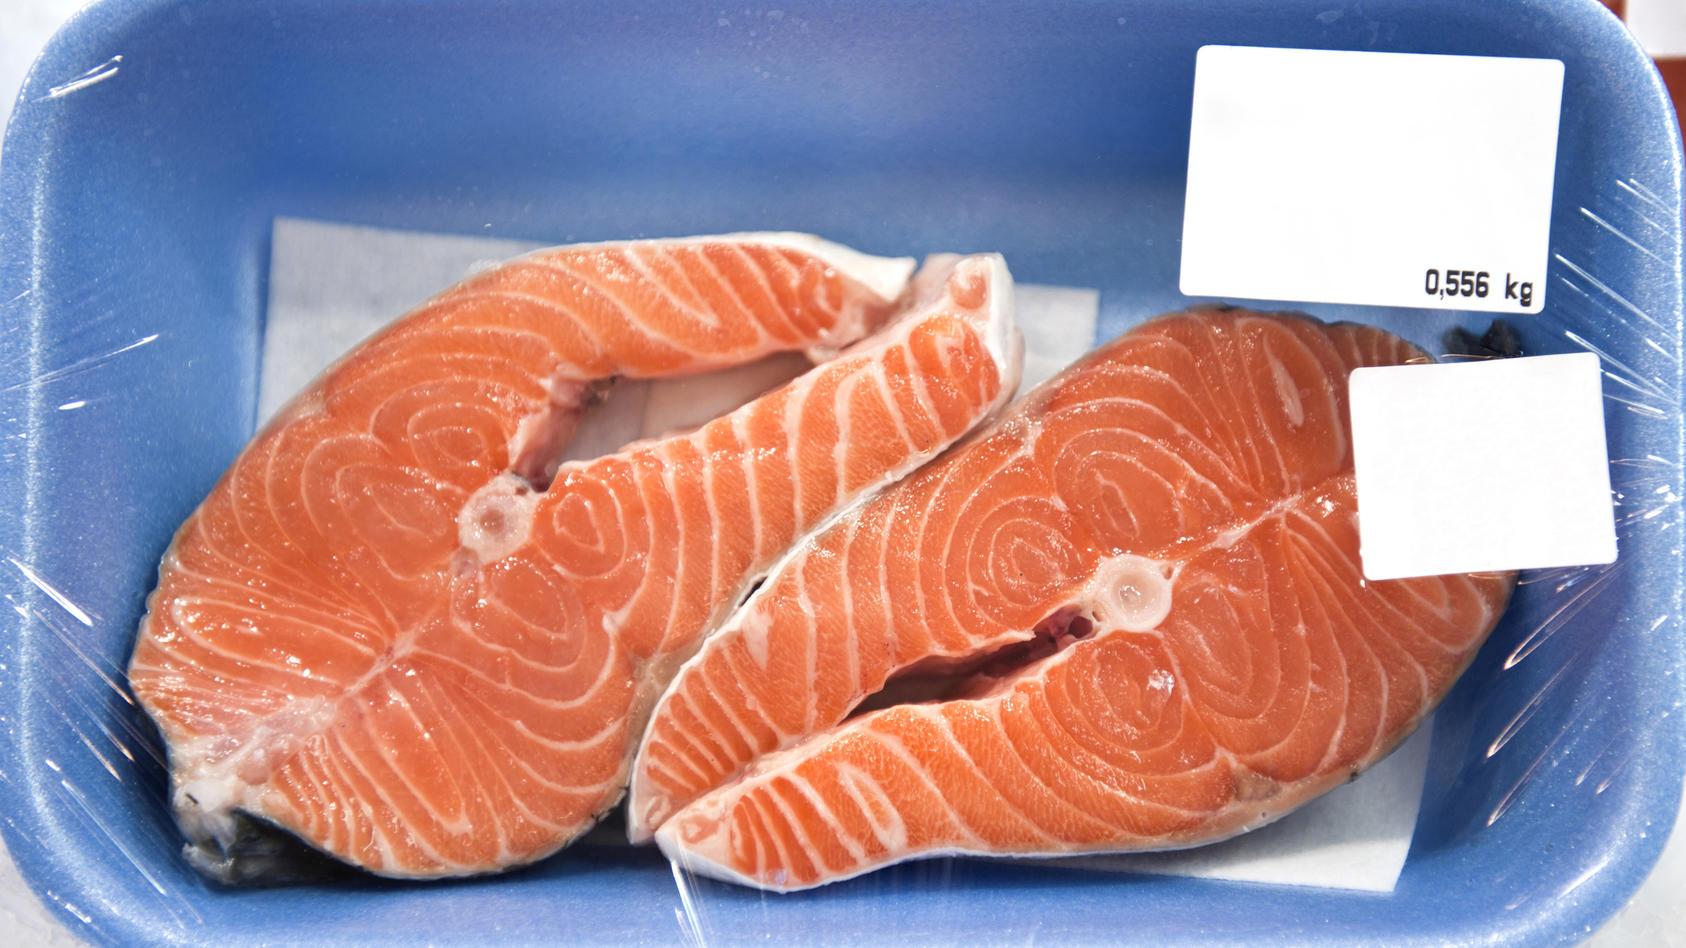 Wieso befindet sich in vielen Fleisch- und Fischpackungen eine Einlage?